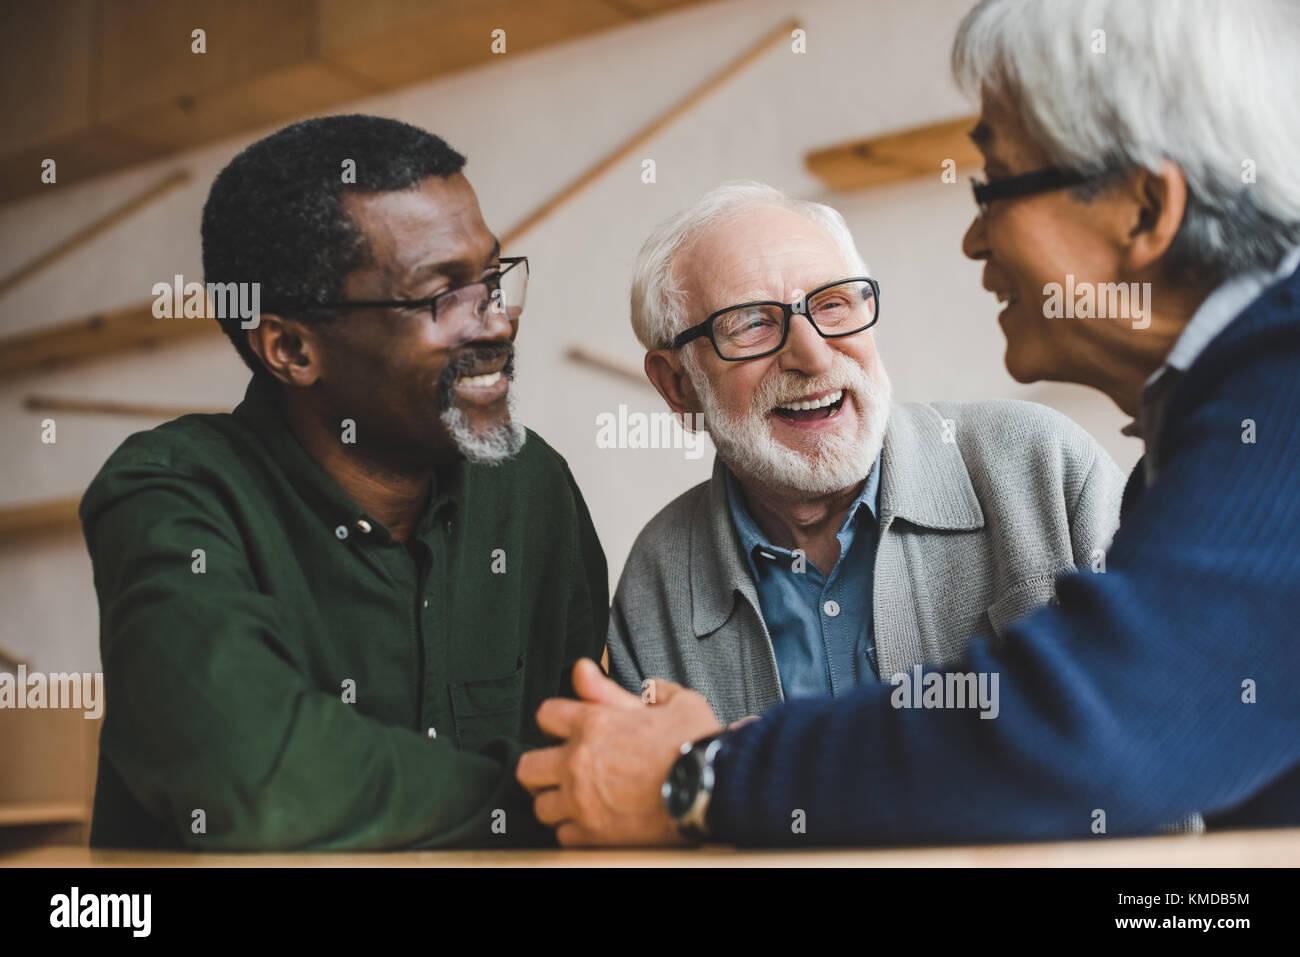 Amigos senior pasar tiempo juntos Foto de stock